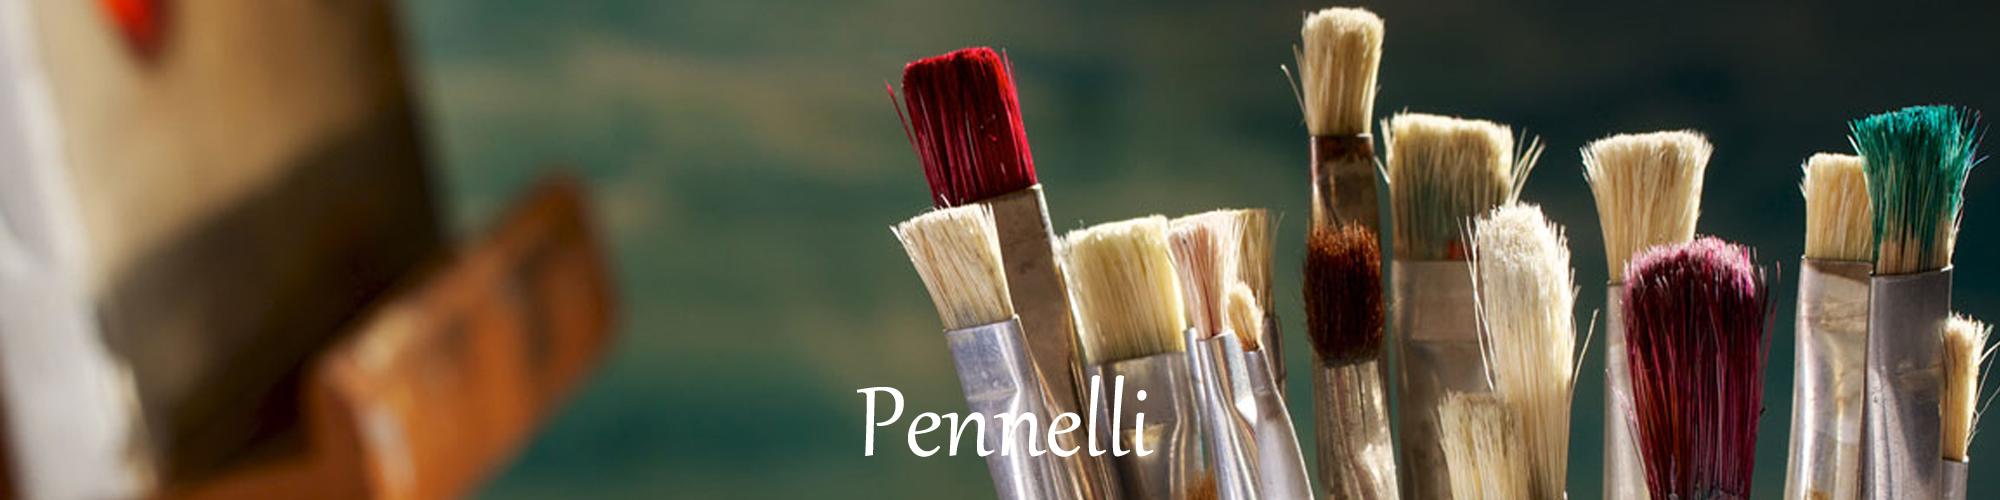 libro arte cennino cennini pennelli